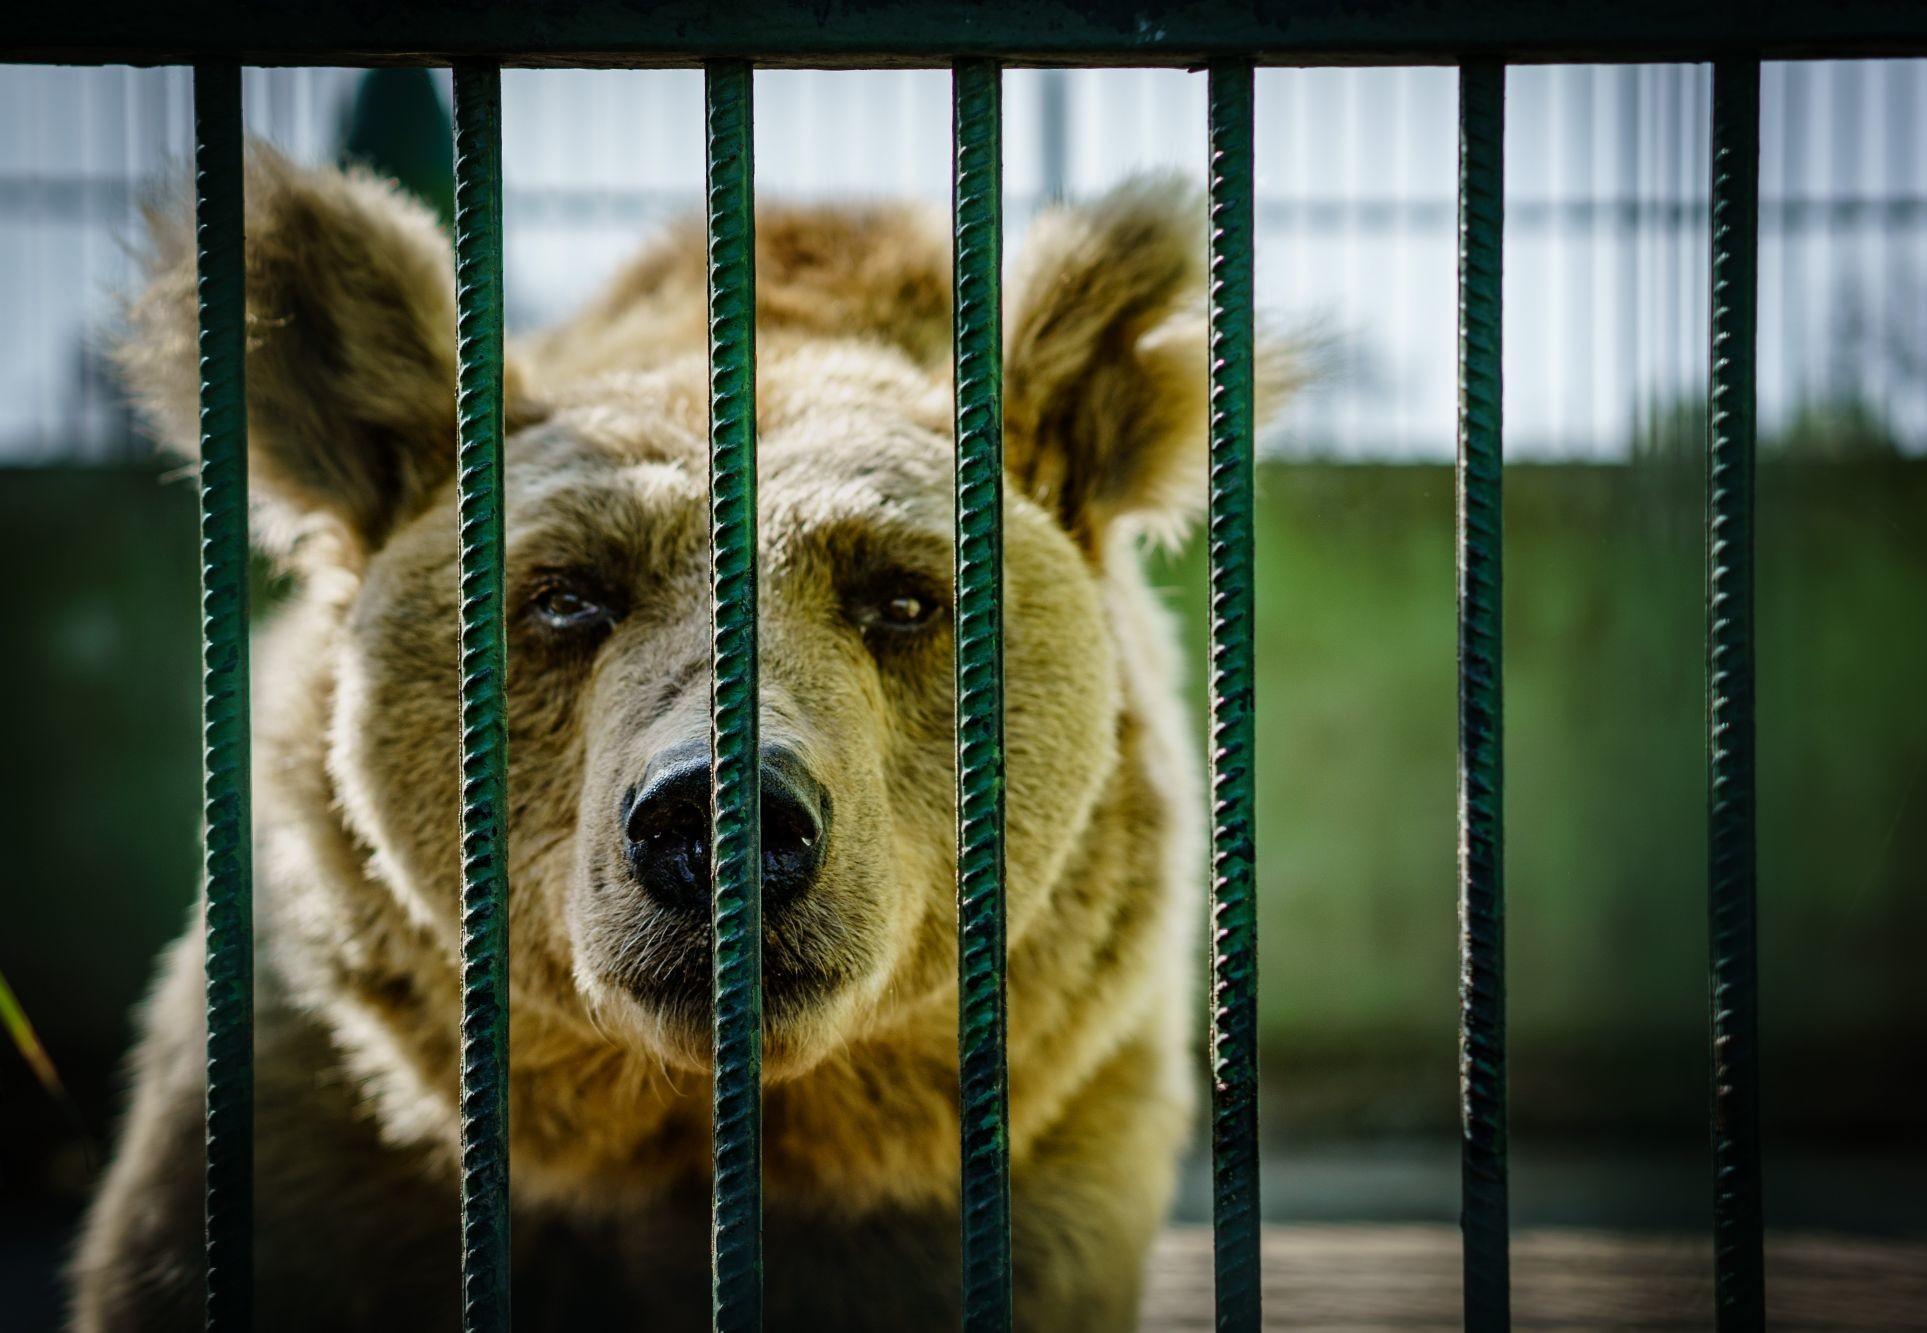 Bär im Käfig in Kroatien